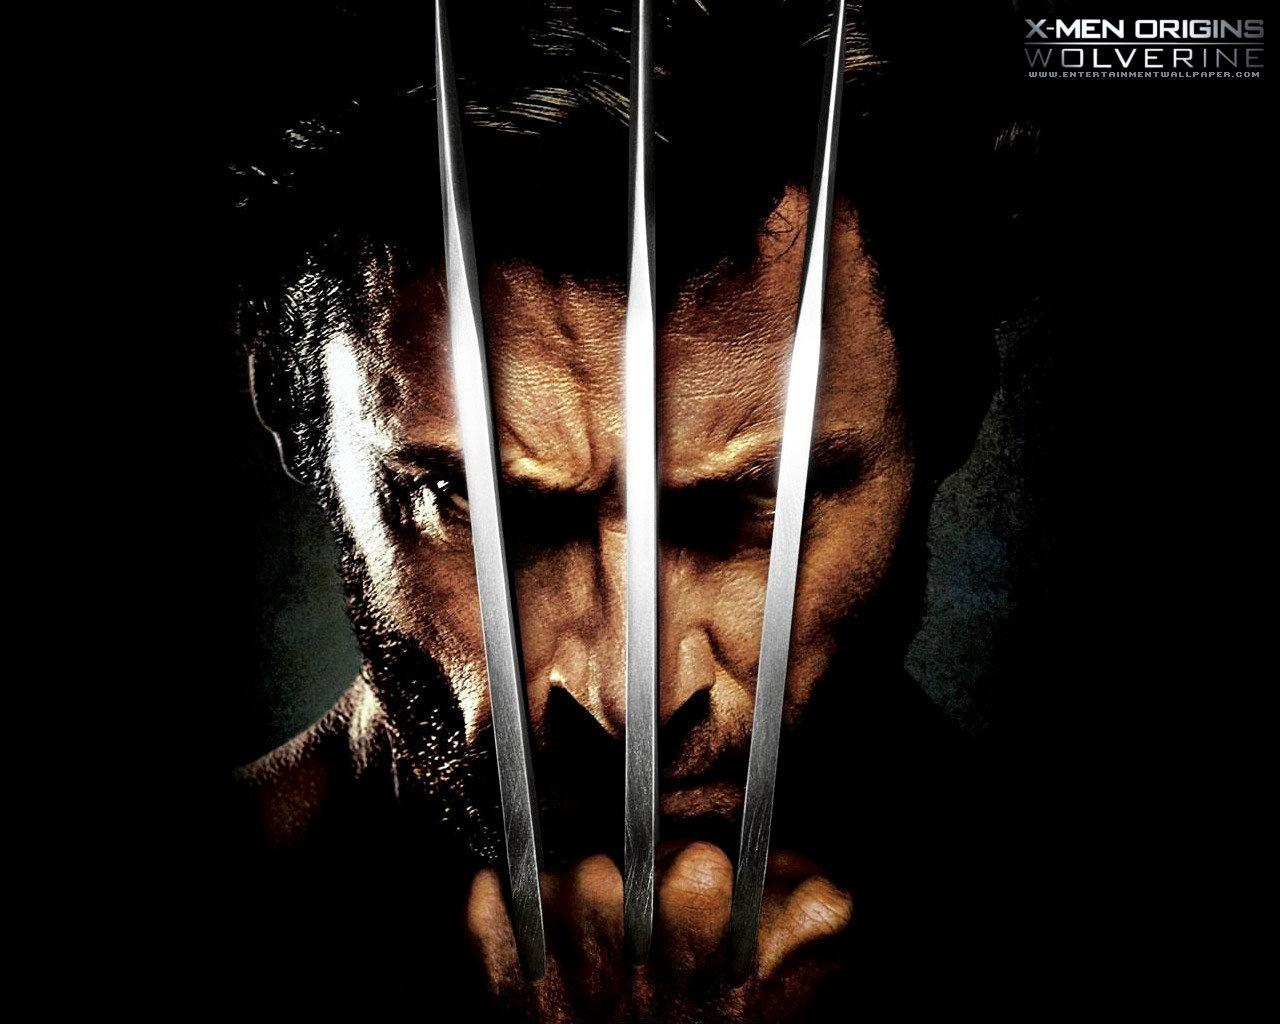 Best X Men Origins Wolverine Wallpapers Whats Up 1280x1024